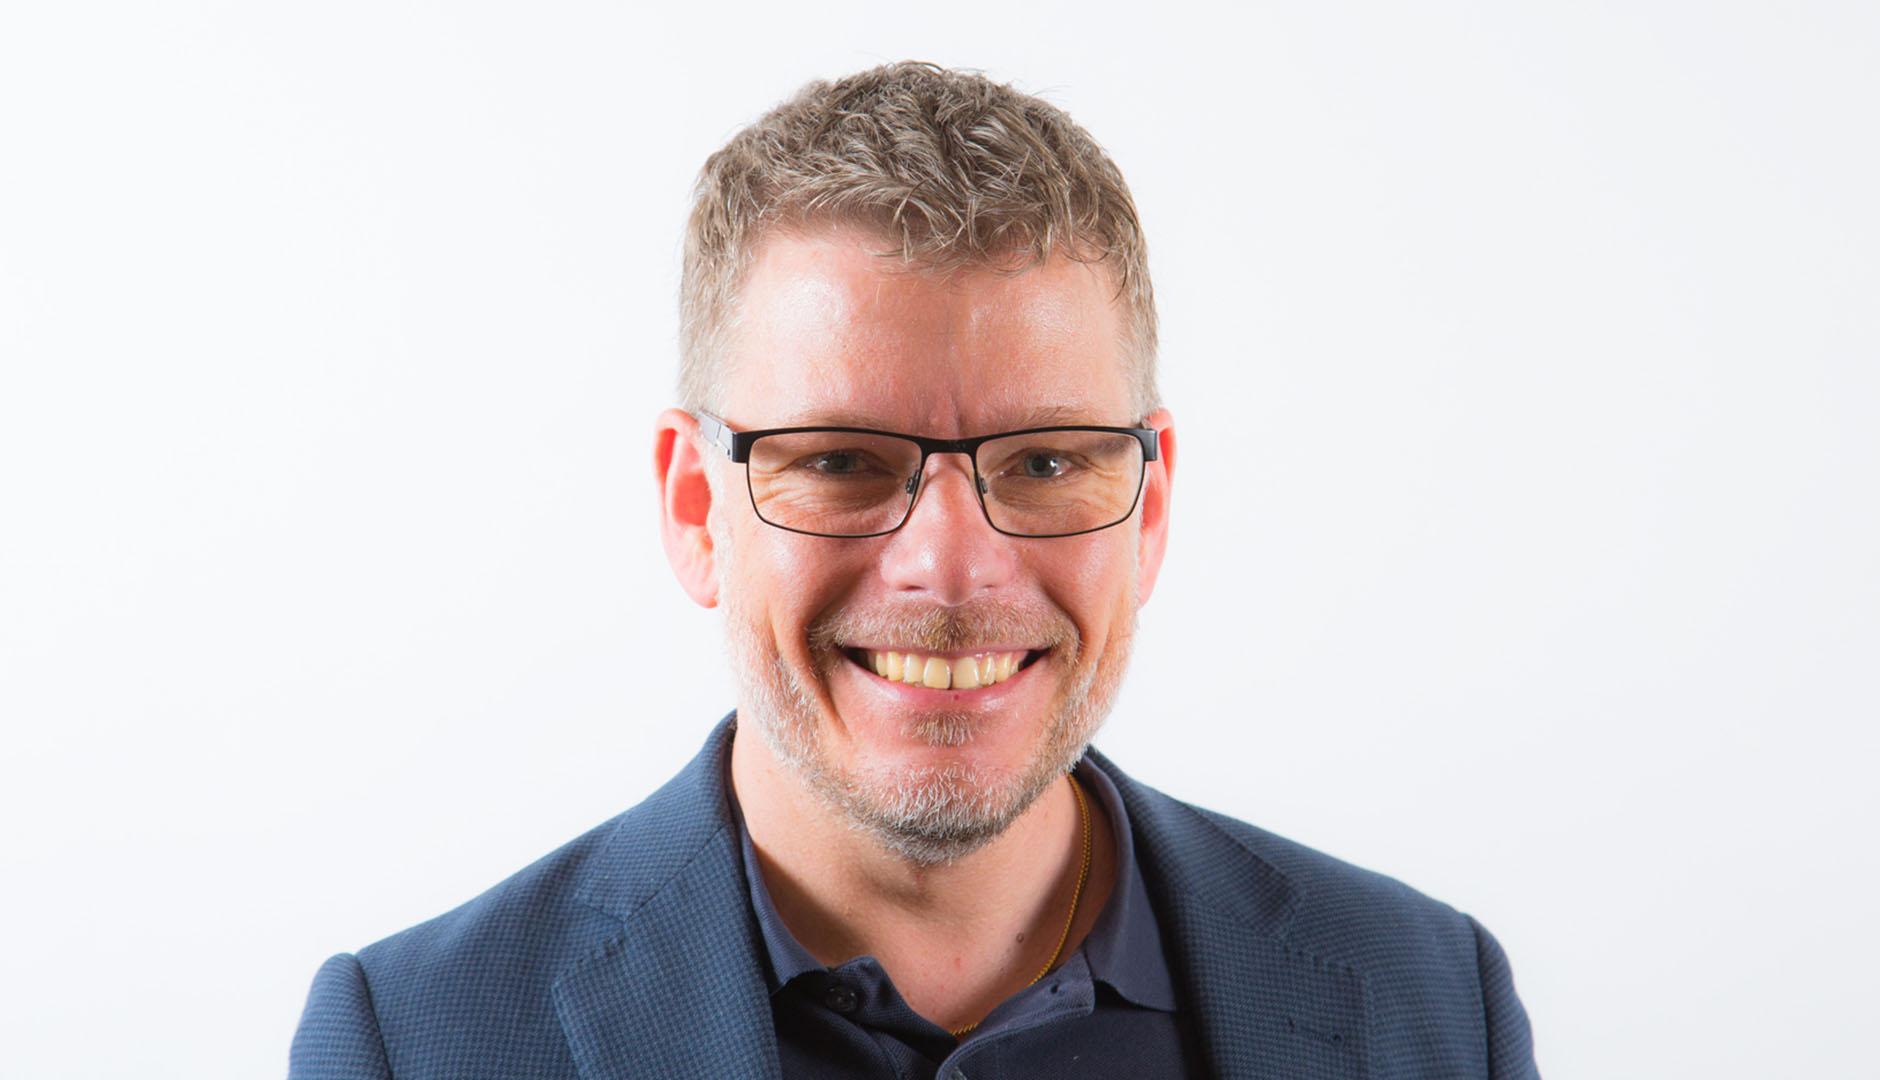 Sten Jensen, affärsutvecklare kopplad till Expedition Framåt, specialiserad på organisation, mål och strategi.